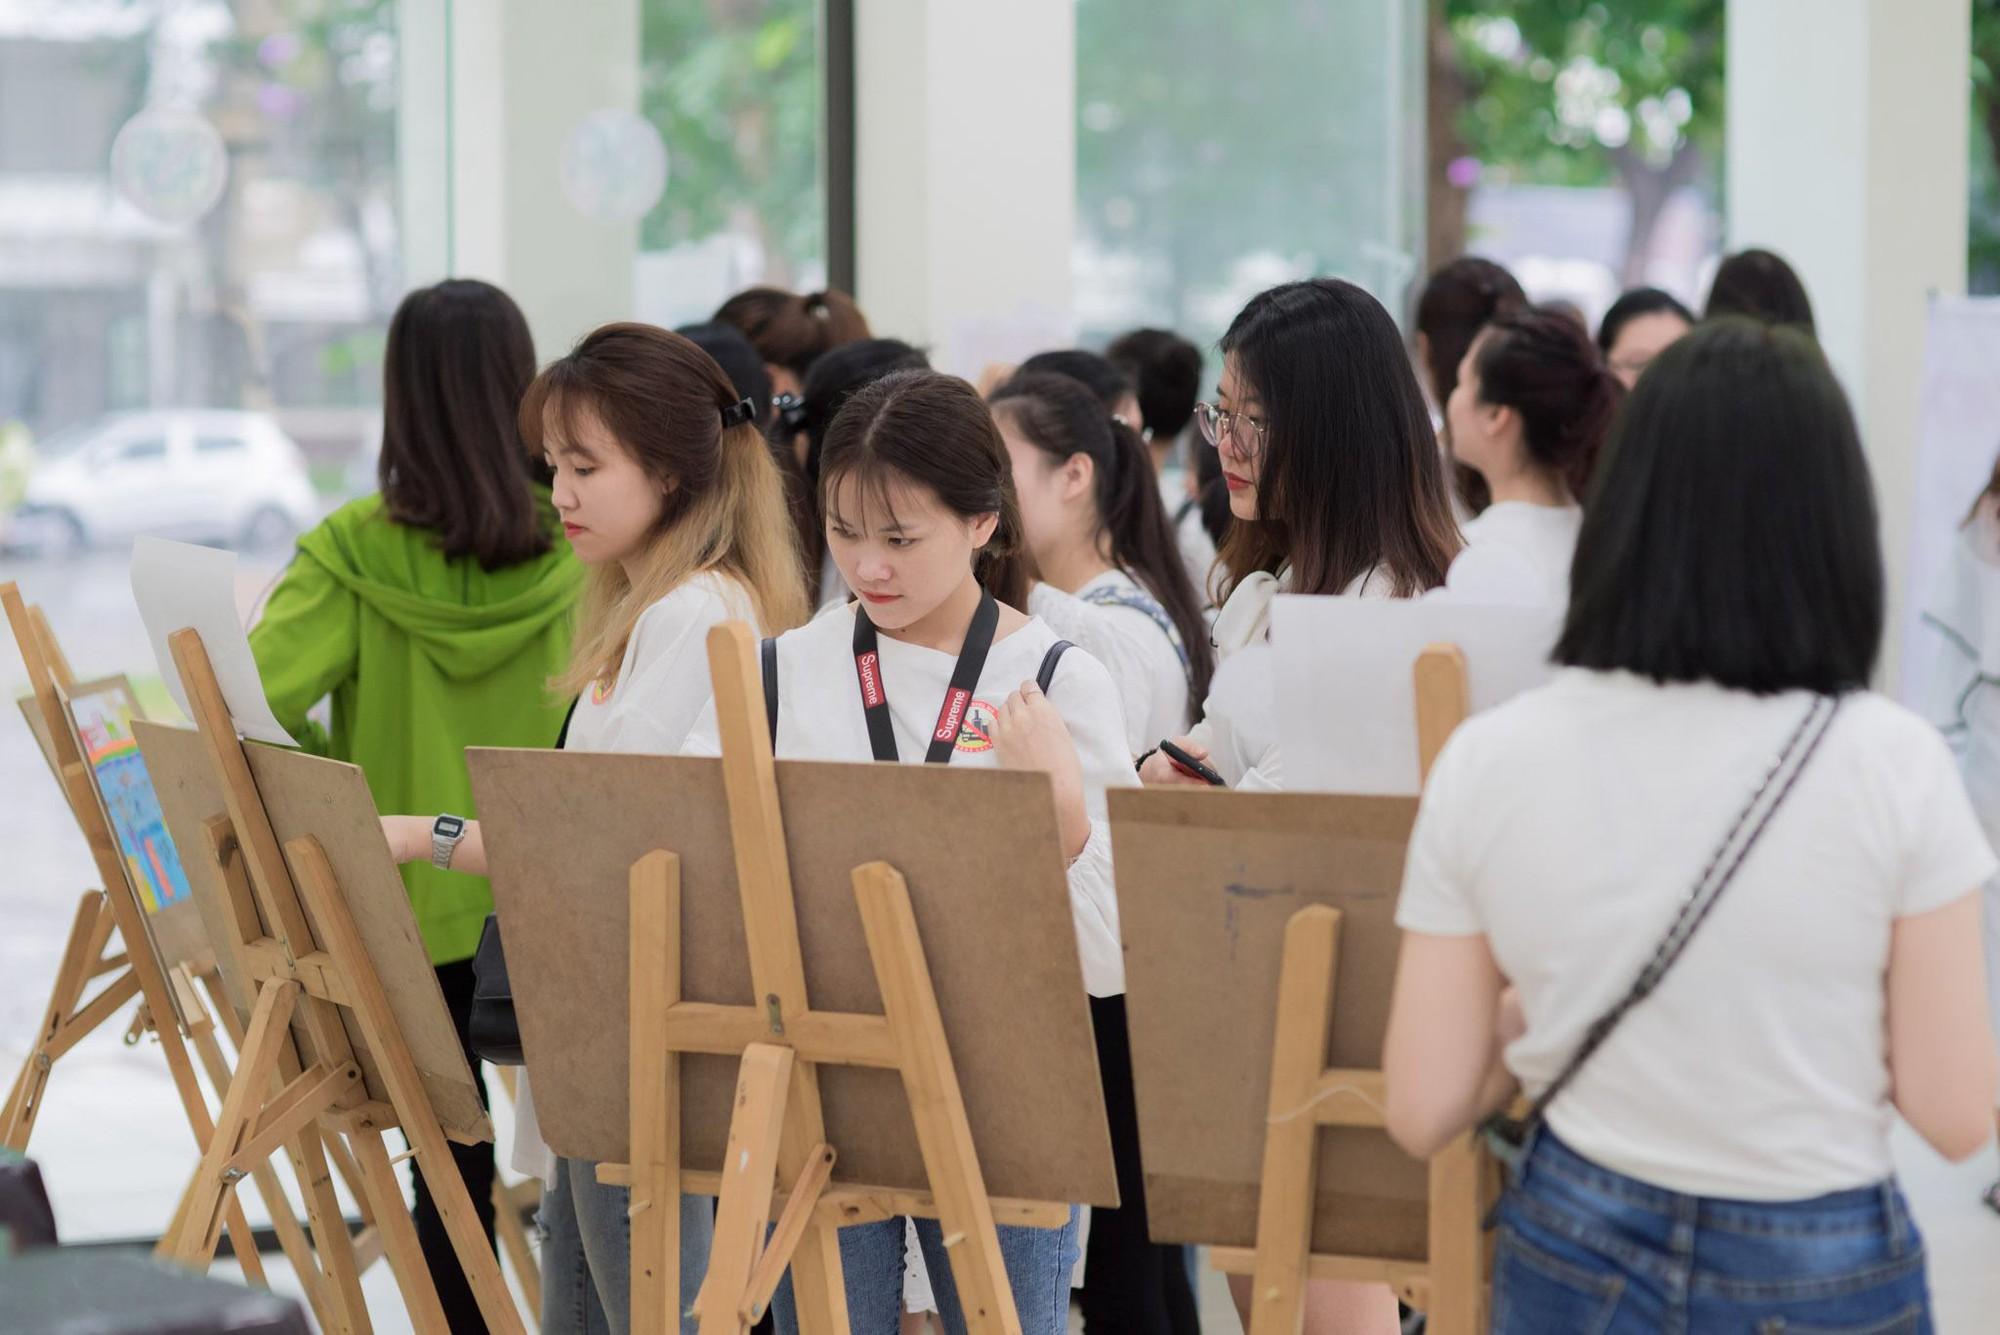 Học viện Phụ nữ Việt Nam tuyển sinh 6 ngành đào tạo Đại học năm 2019 - Ảnh 4.